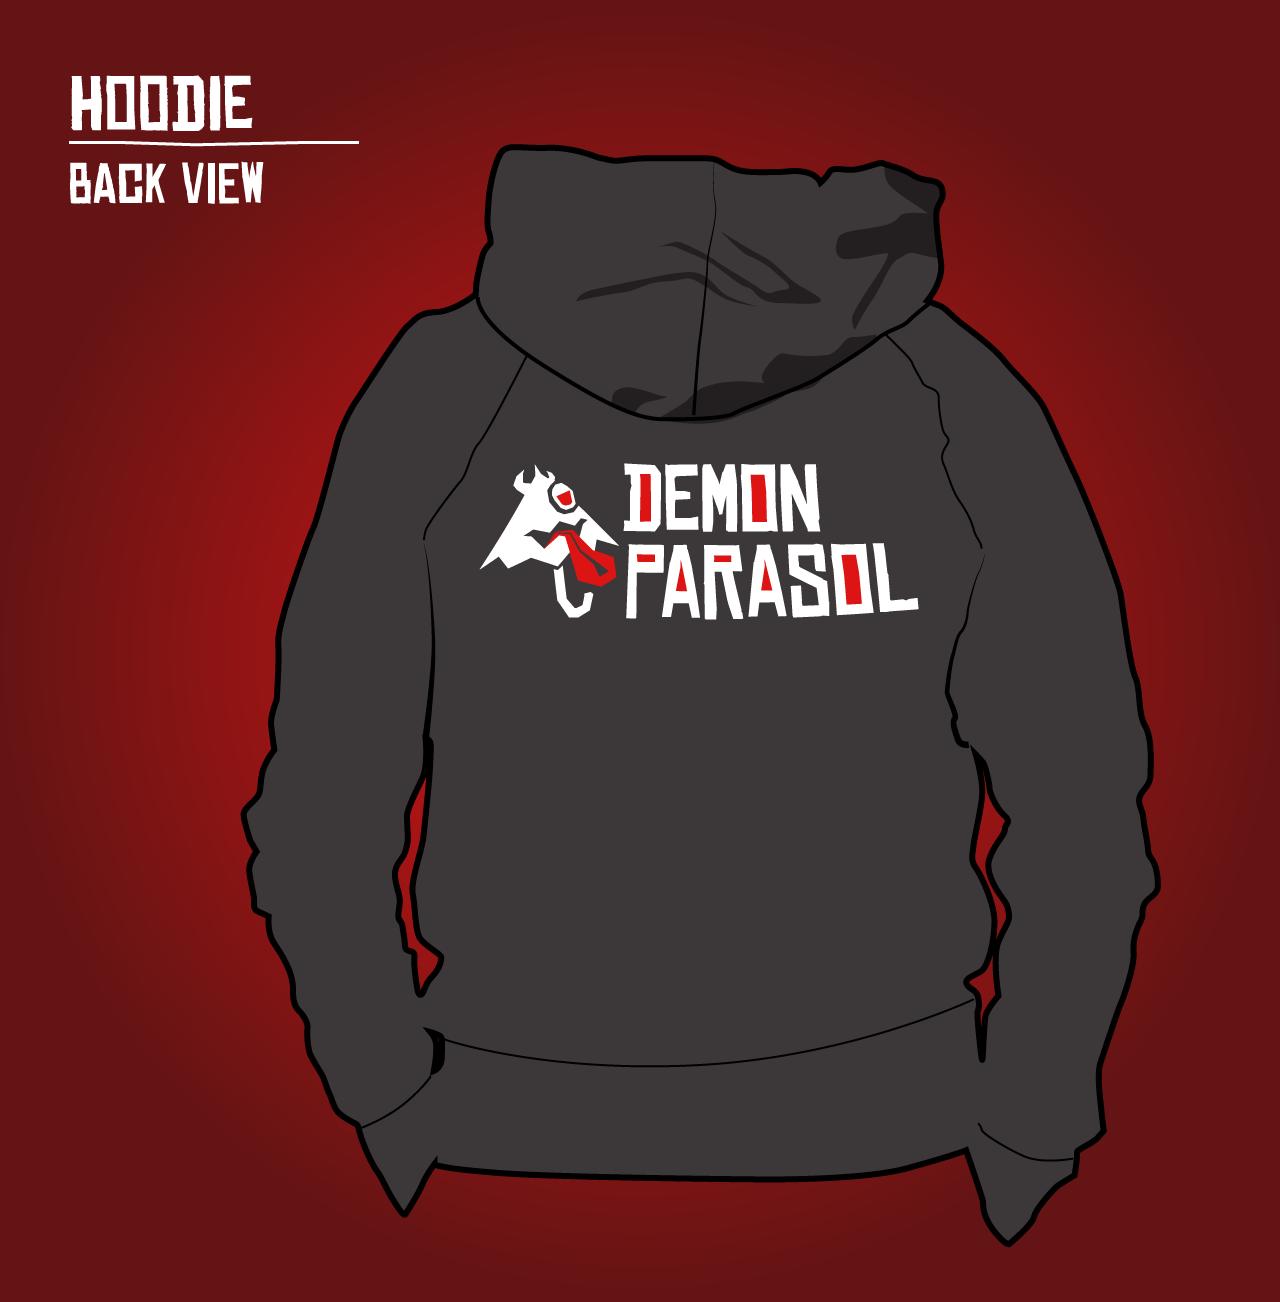 demon-parasol-hoodie-back